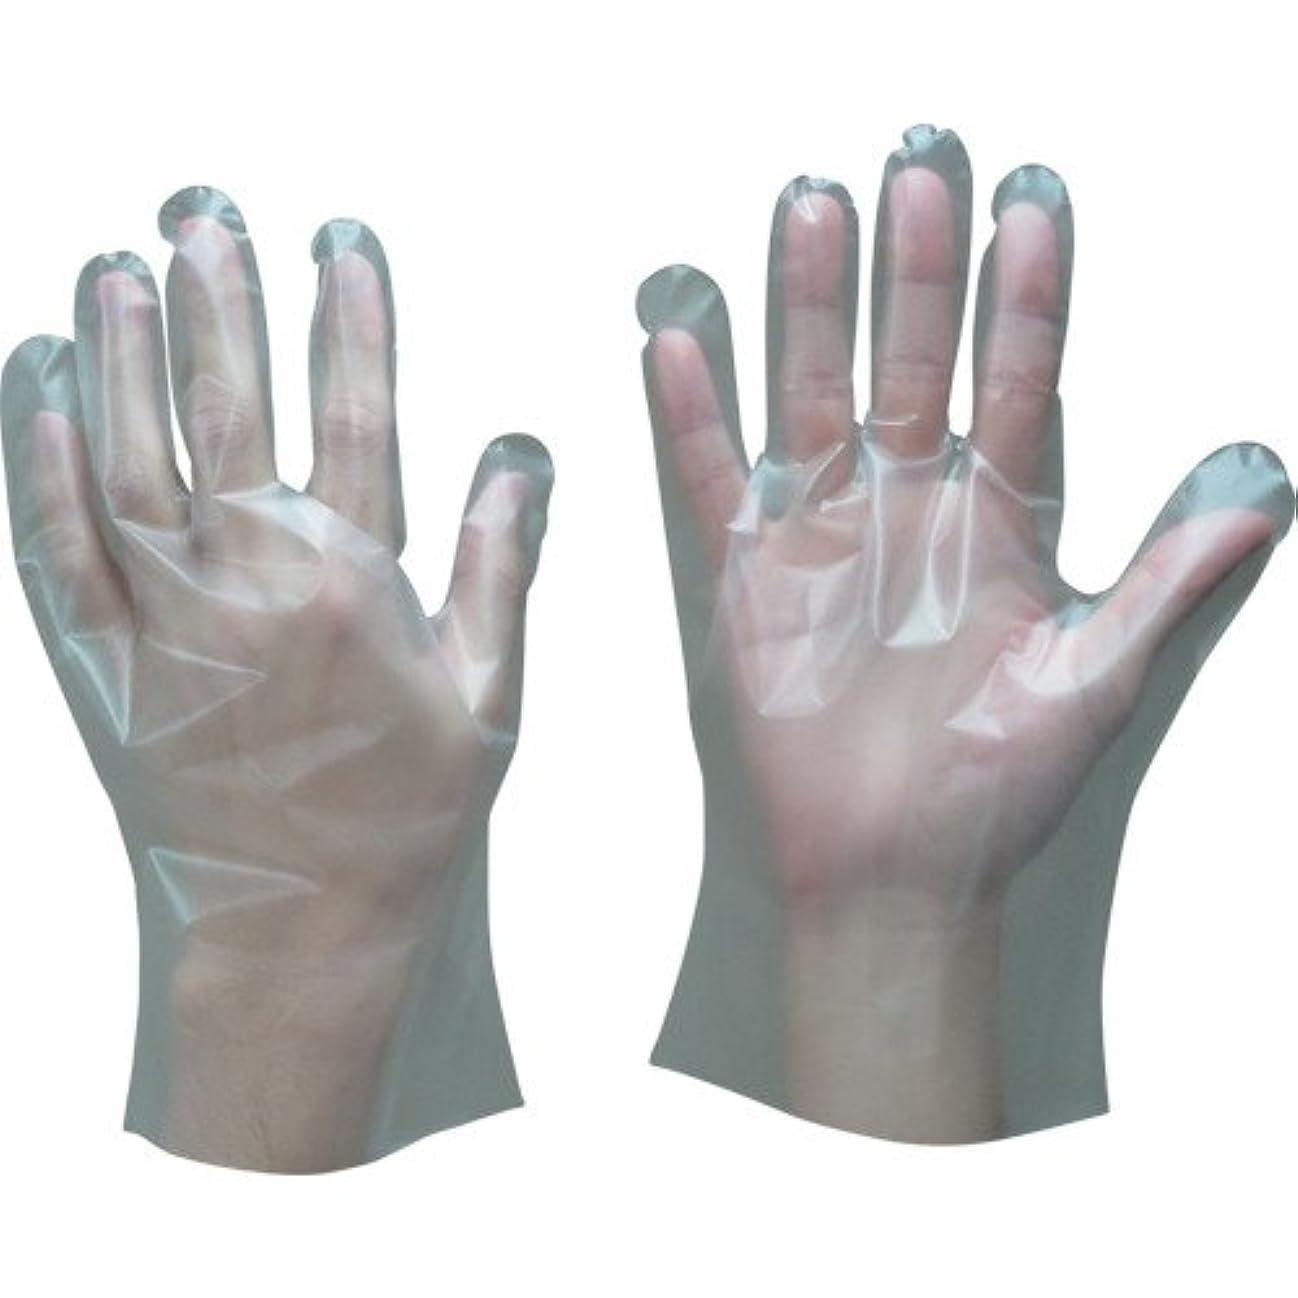 摂氏度葉っぱ極端な株 東和コーポレーション トワロン ポリエチレン手袋内エンボス 100枚入 M 409-M